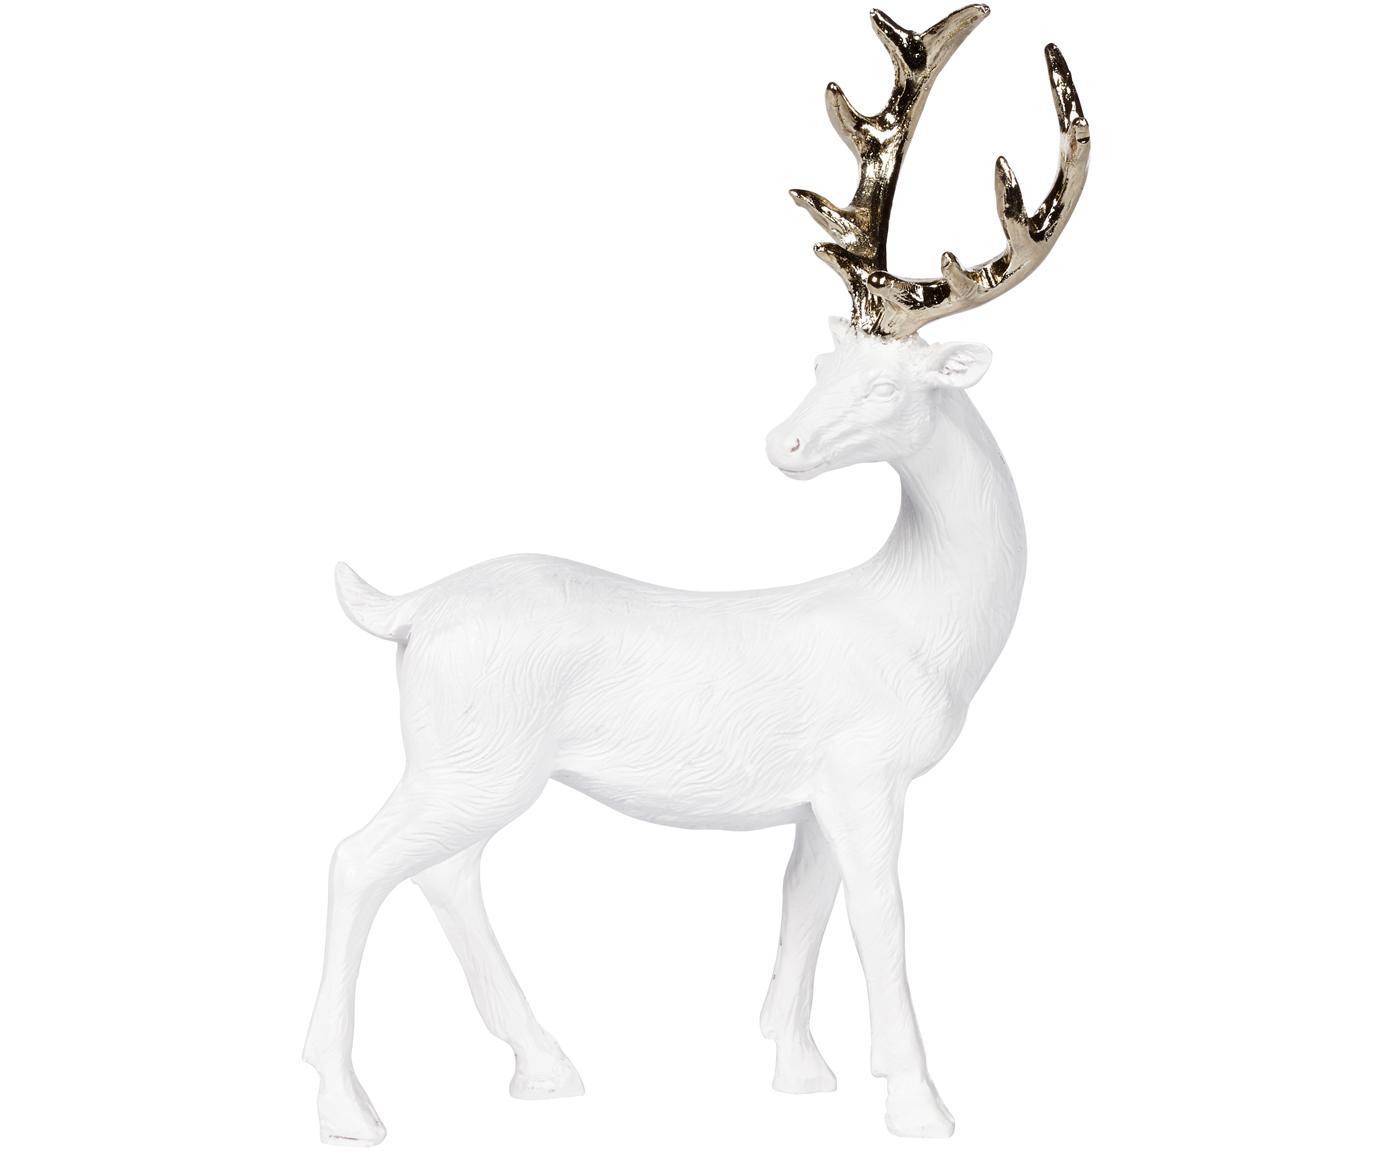 Oggetto decorativo fatto a mano Deer, Poliresina, Bianco, dorato, Larg. 9 x Alt. 14 cm